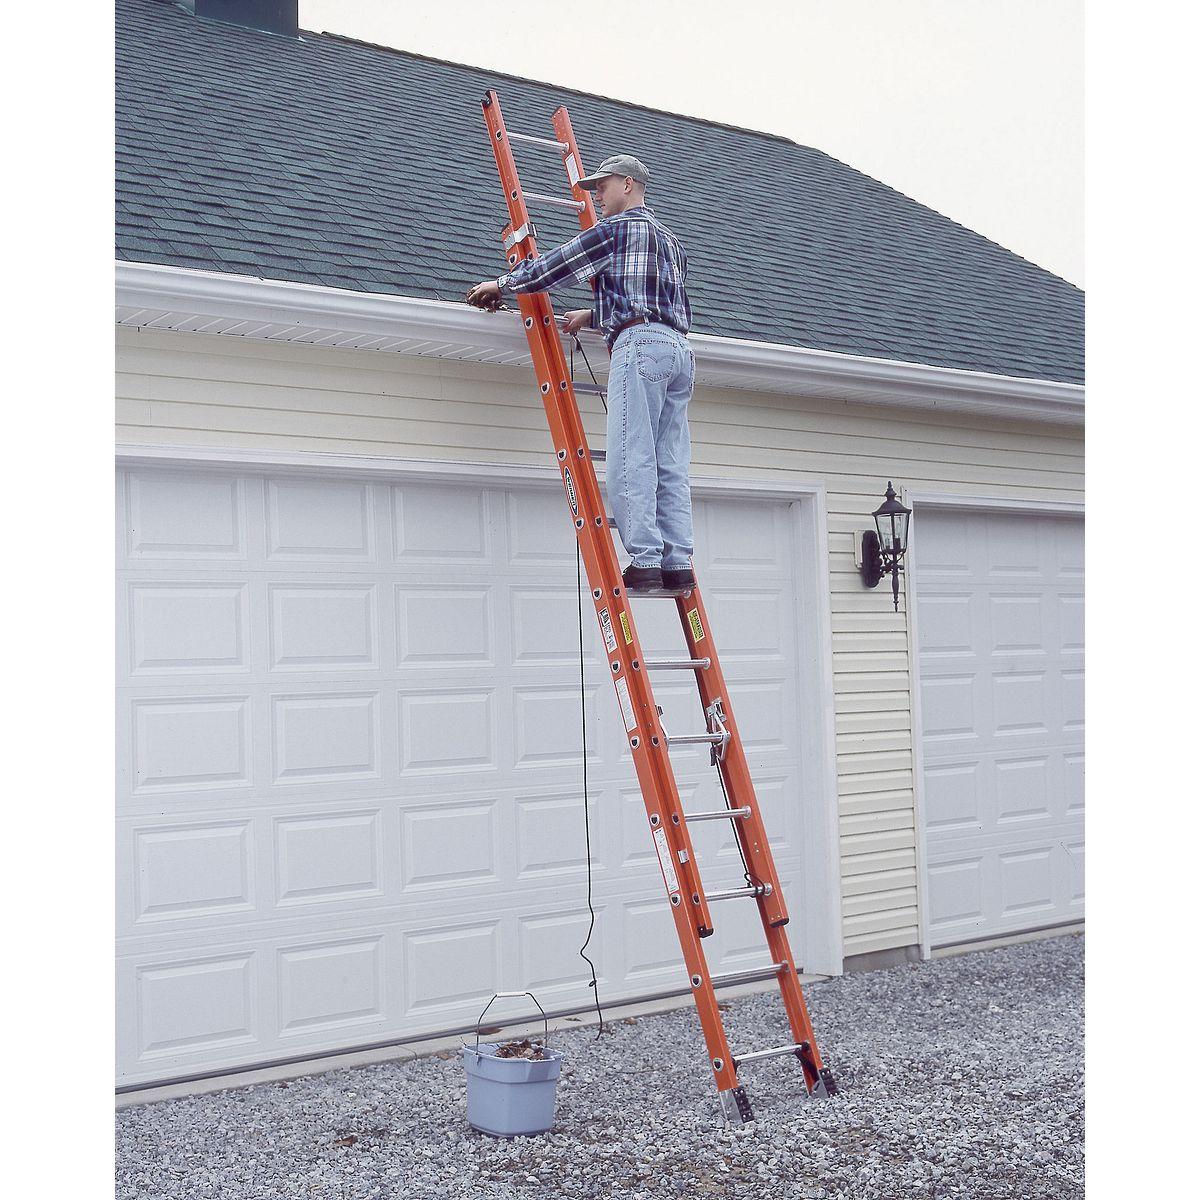 D6228 2 28 Ft Type Ia Fiberglass D Rung Extension Ladder